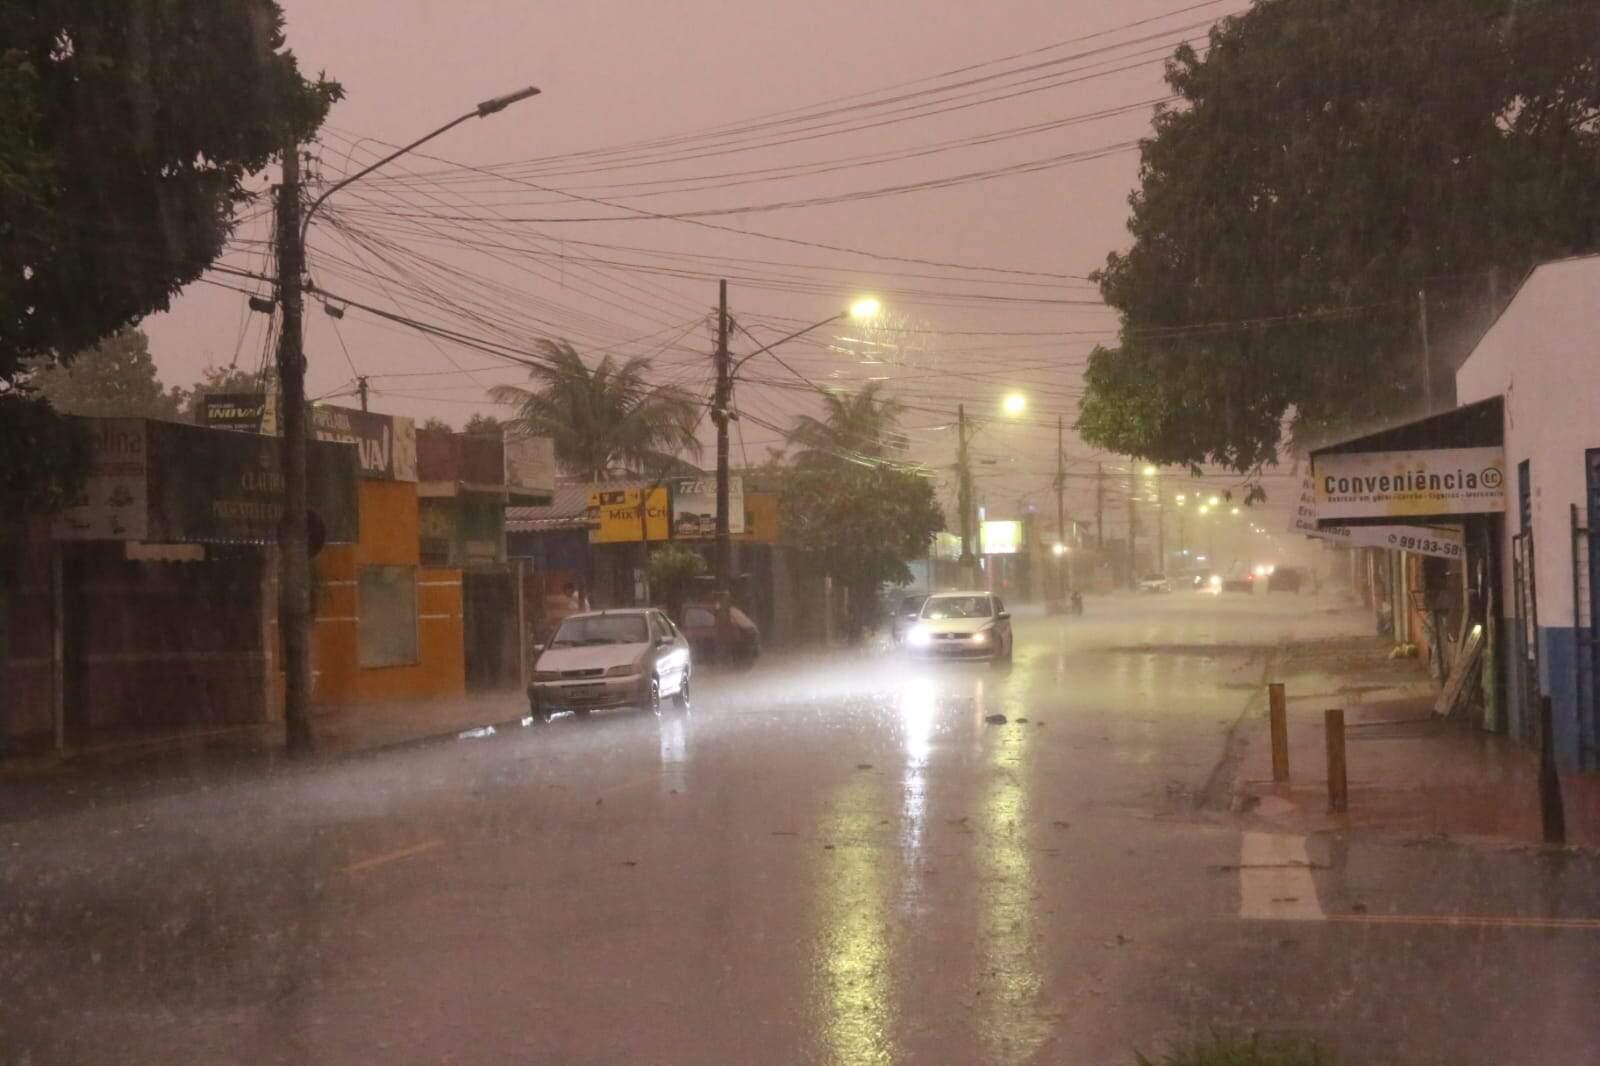 Em três dias, Mato Grosso do Sul registra 1,4 milhão de raios